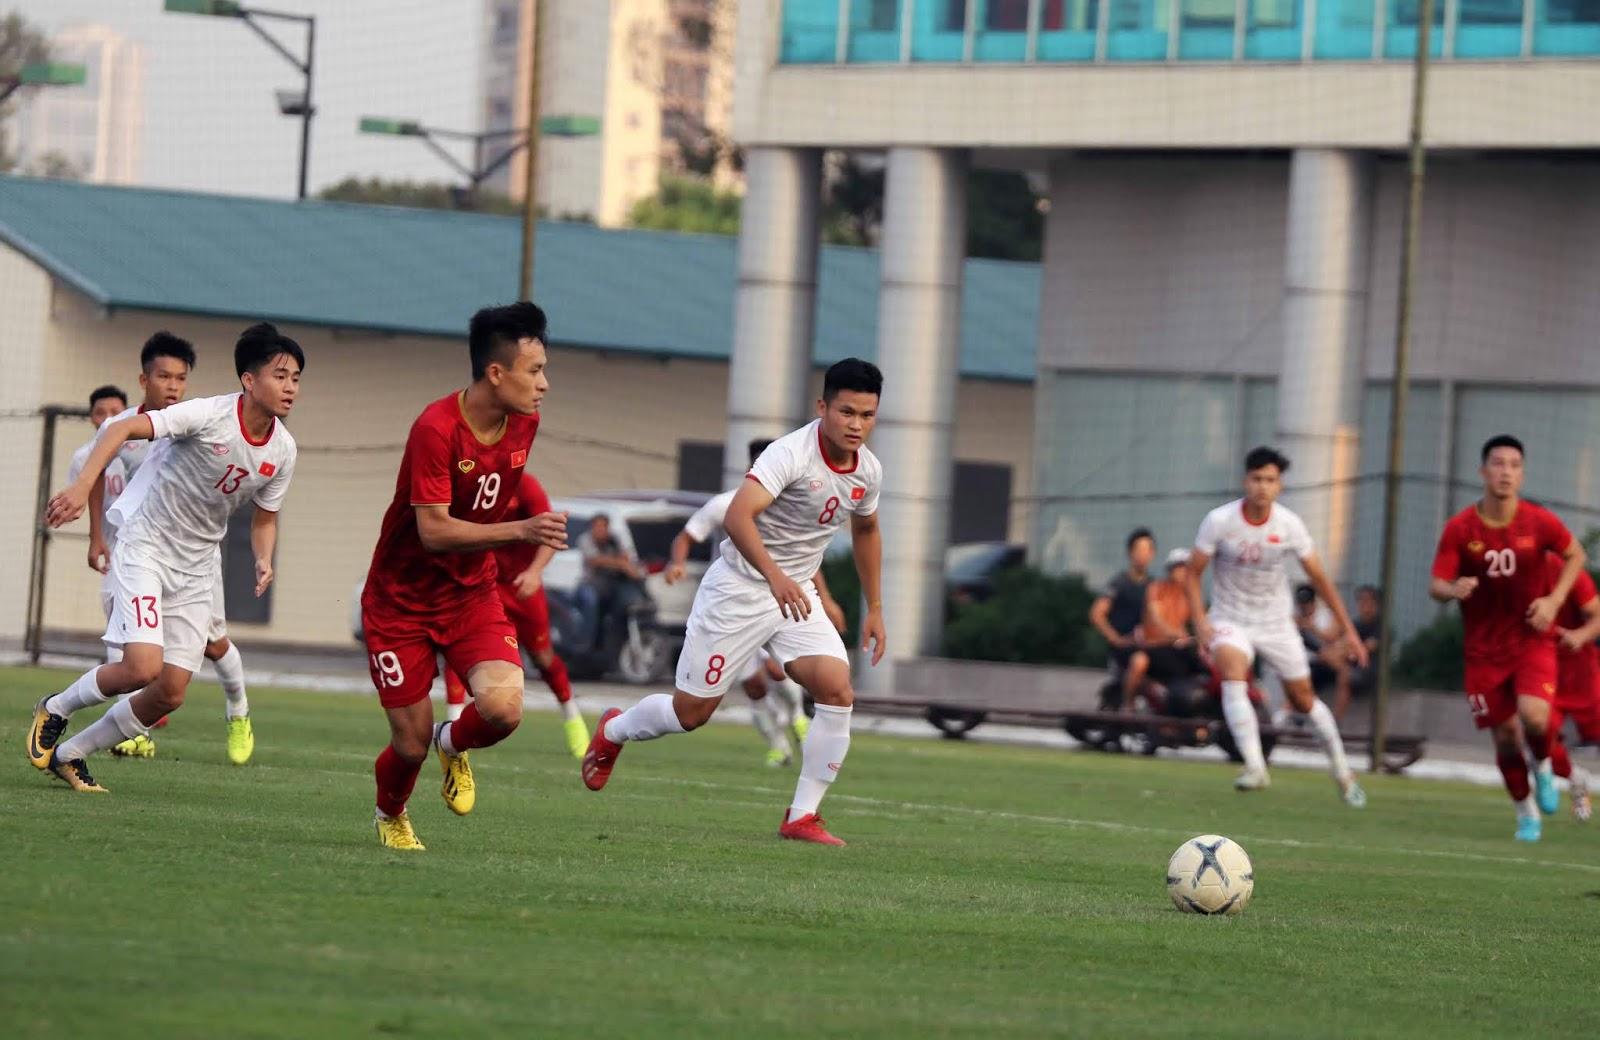 Đội tuyển quốc gia, u22 việt nam, vòng loại world cup 2022, Park Hang-seo, Minh Tuấn